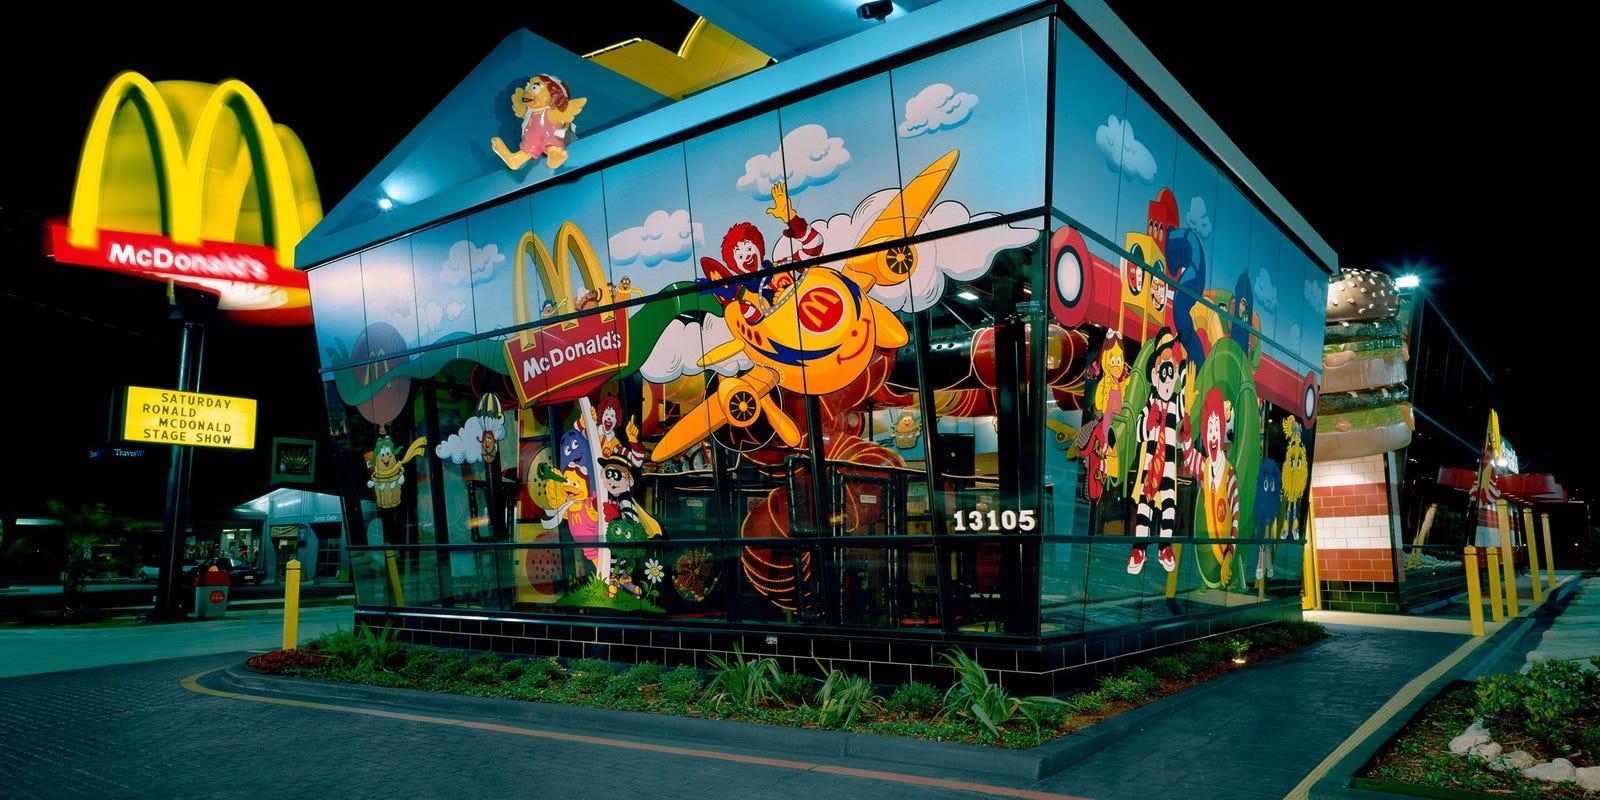 Coronavirus: McDonald's to close ...